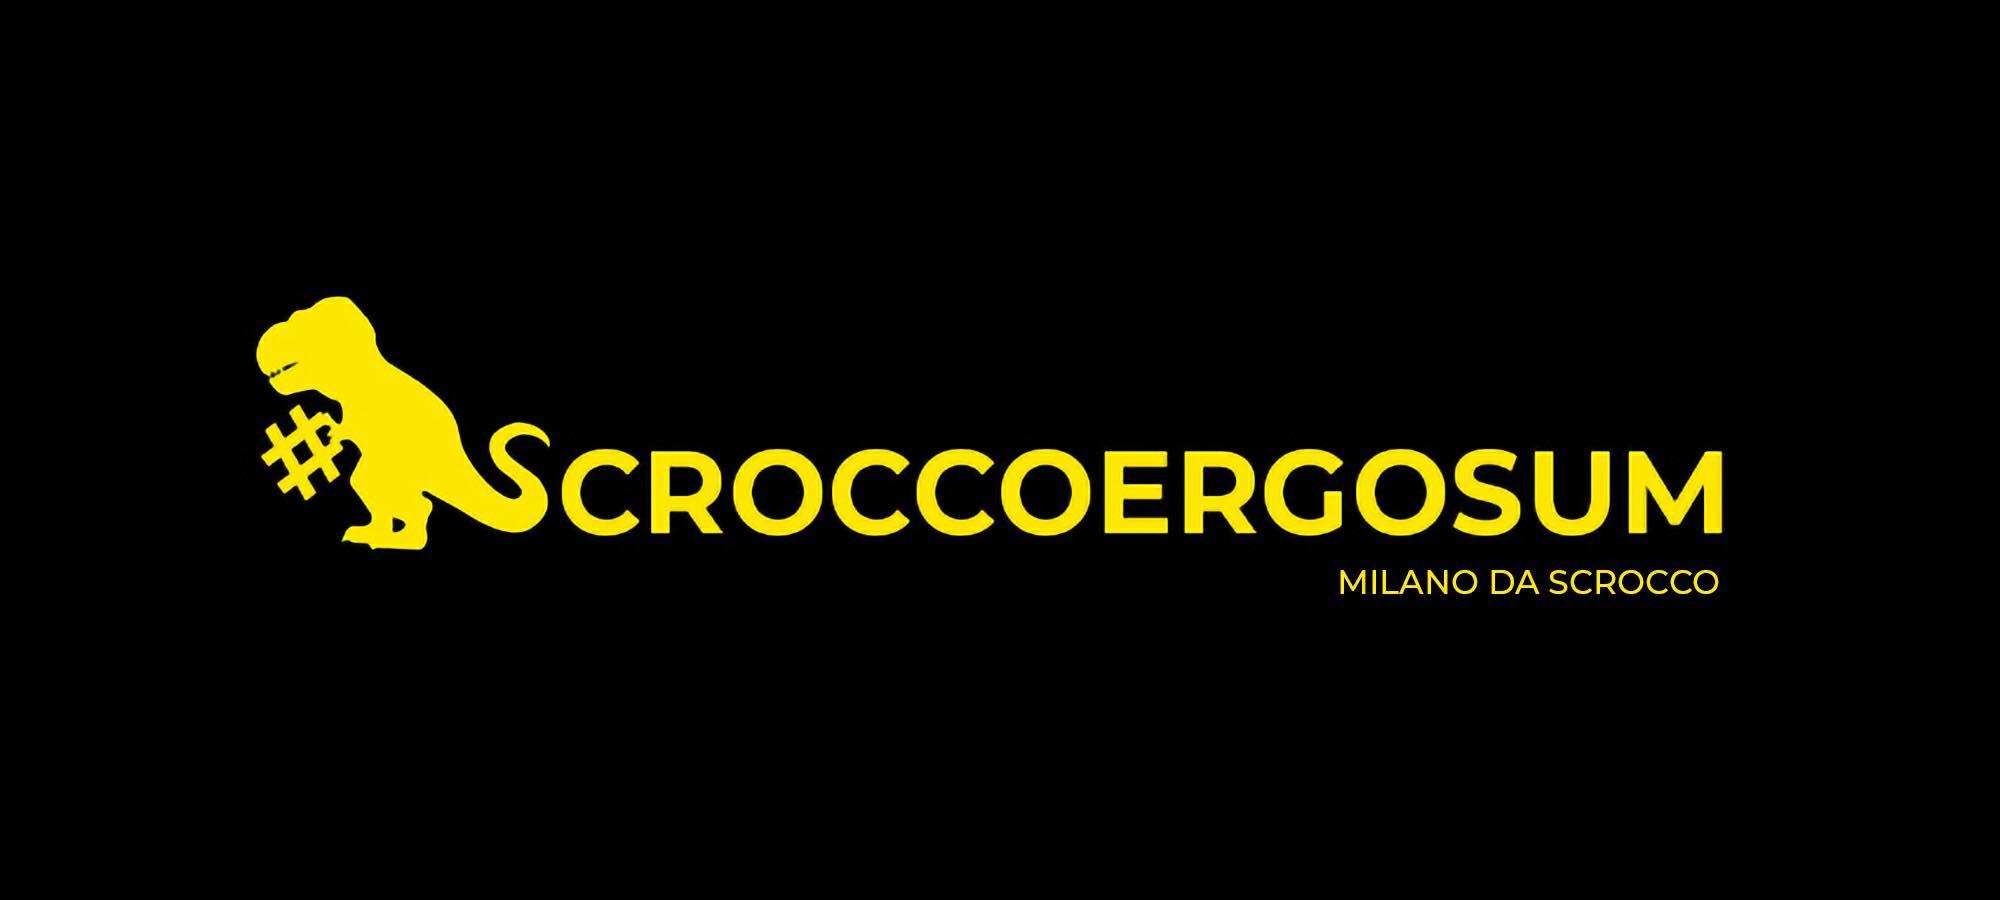 Milano da Scrocco: ecco dove trovare tutti gli eventi gratis nel milanese